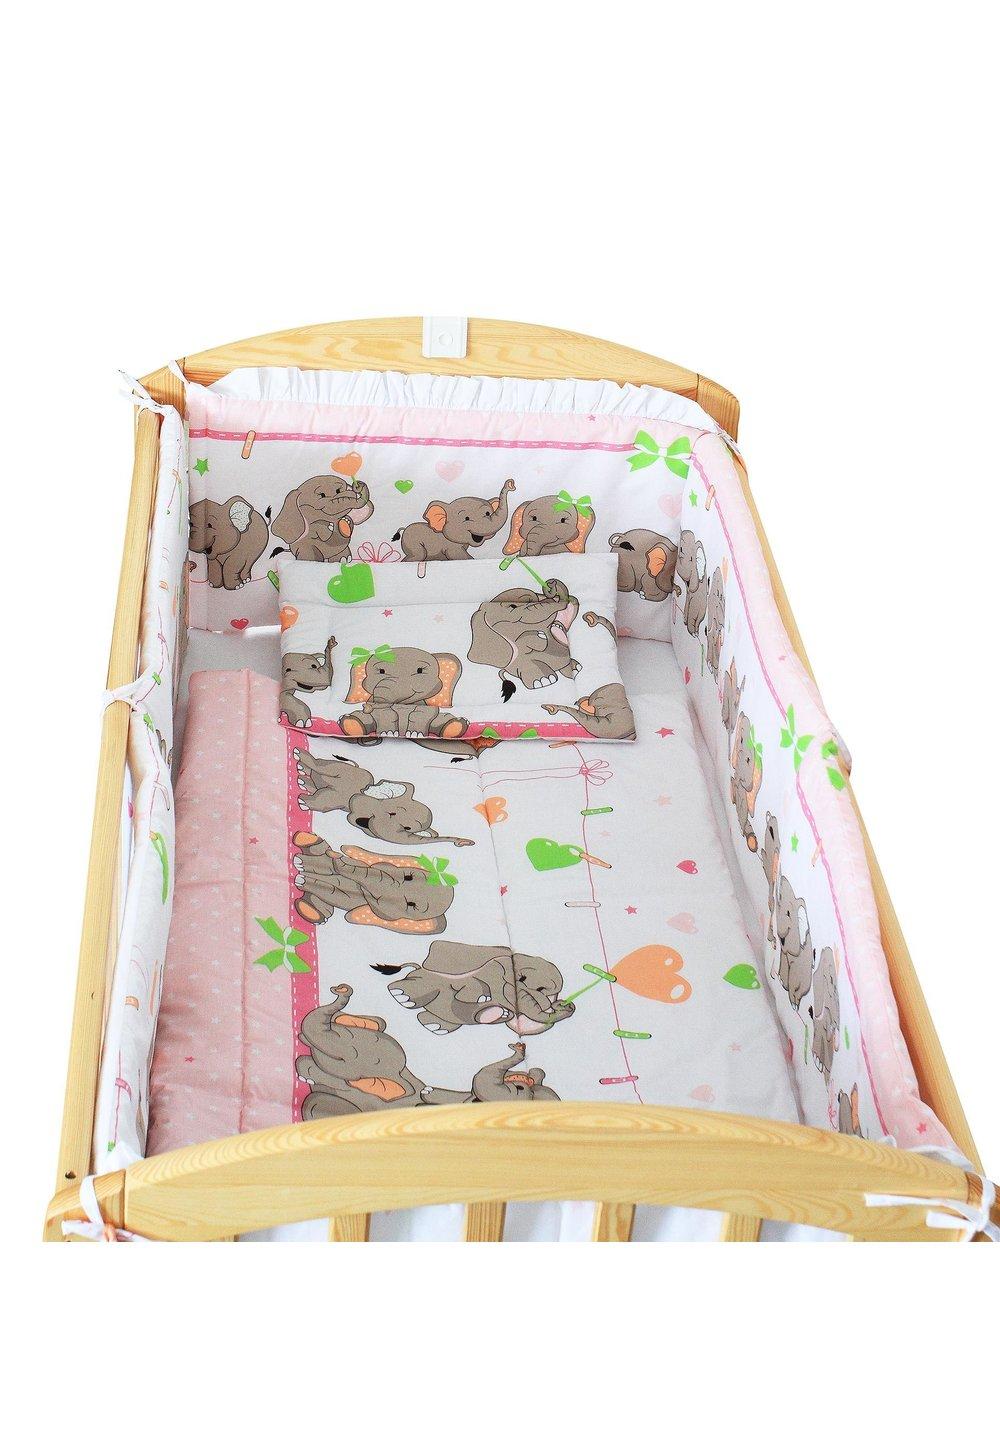 Lenjerie patut, 5 piese, Elefant roz sir, 120 x 60 cm imagine